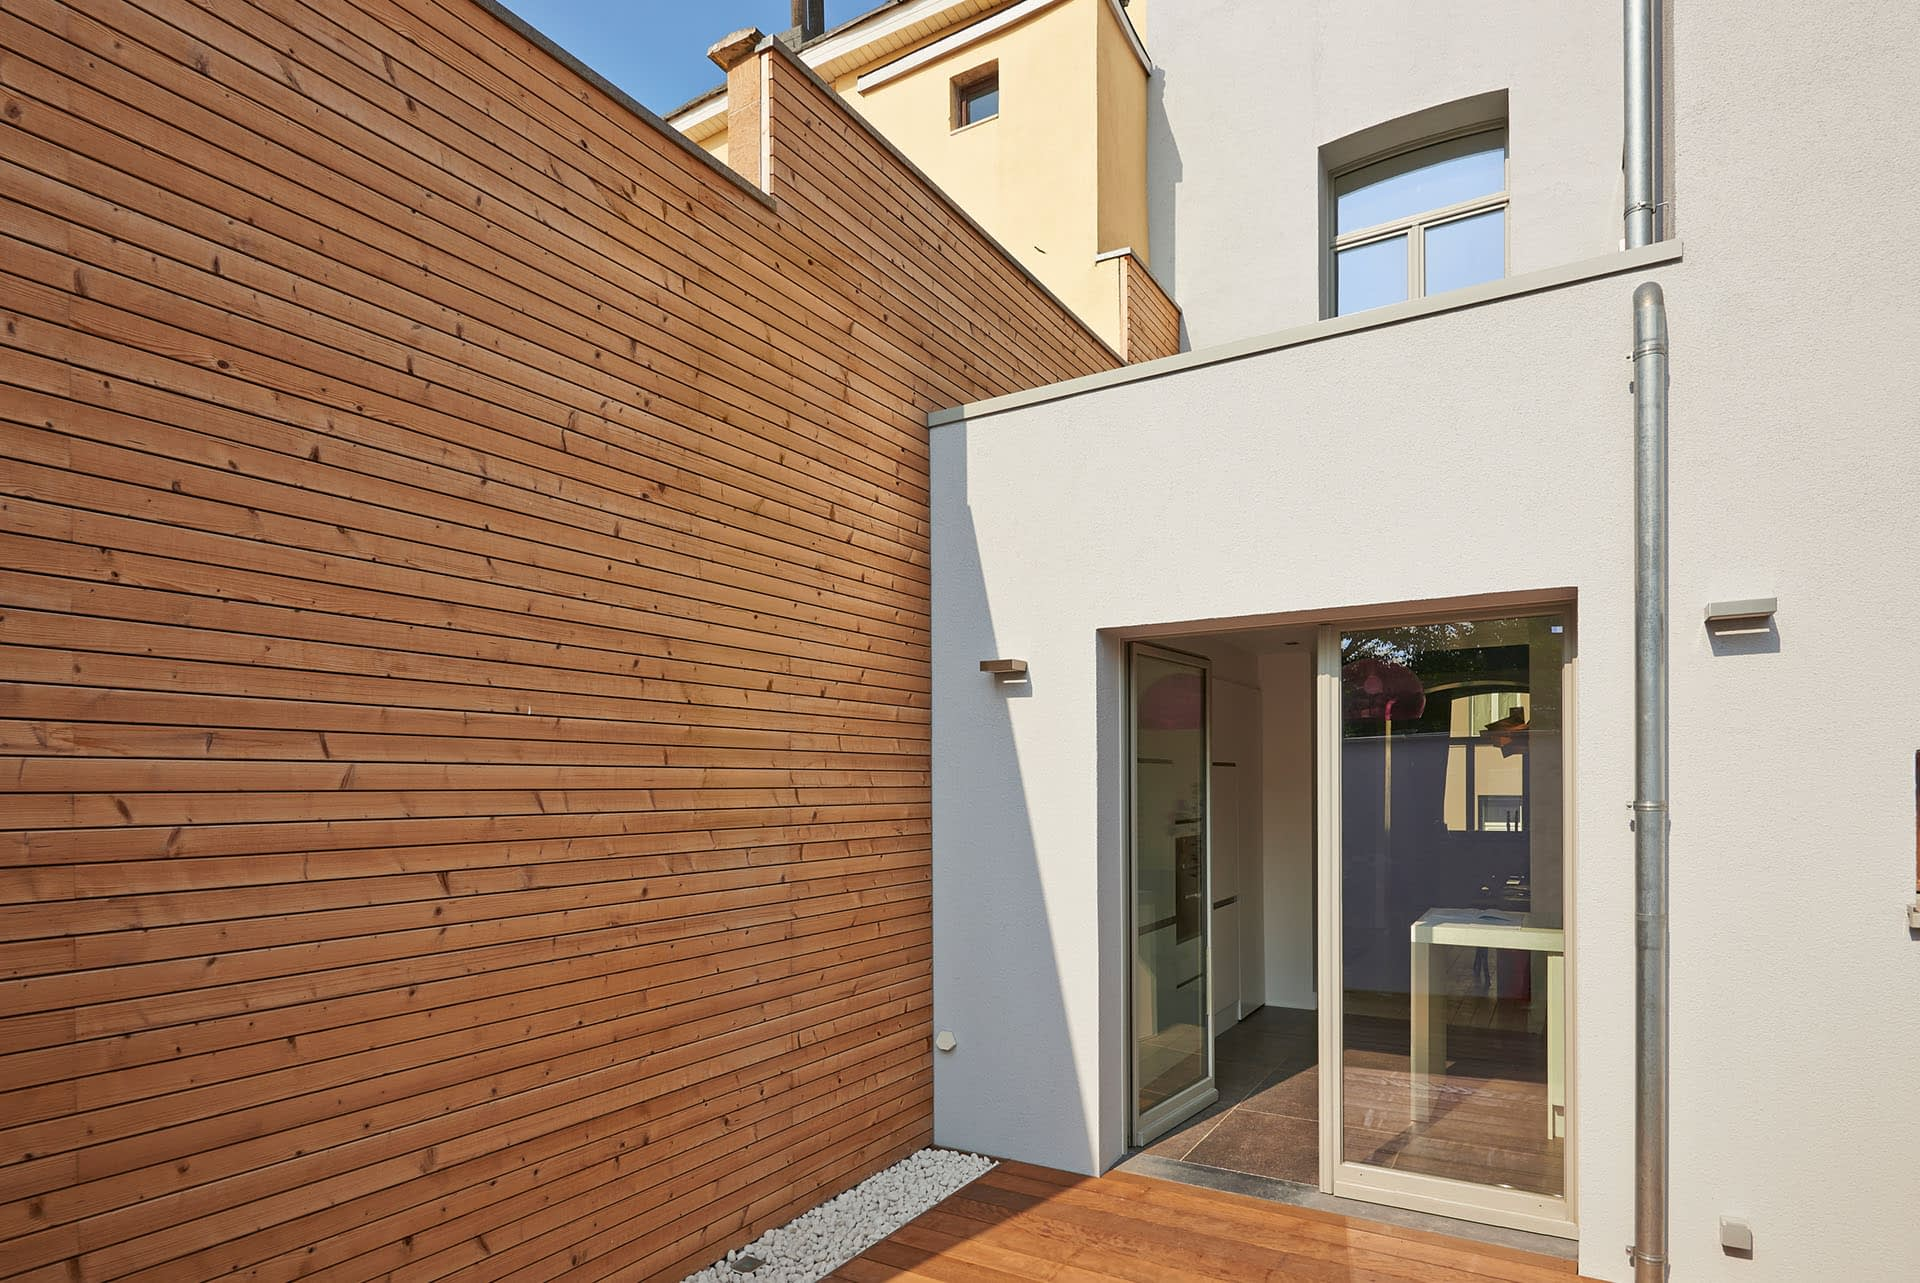 timber-cladding-weatherboards-external-sheet-material-exterior-wall-design-horizontal